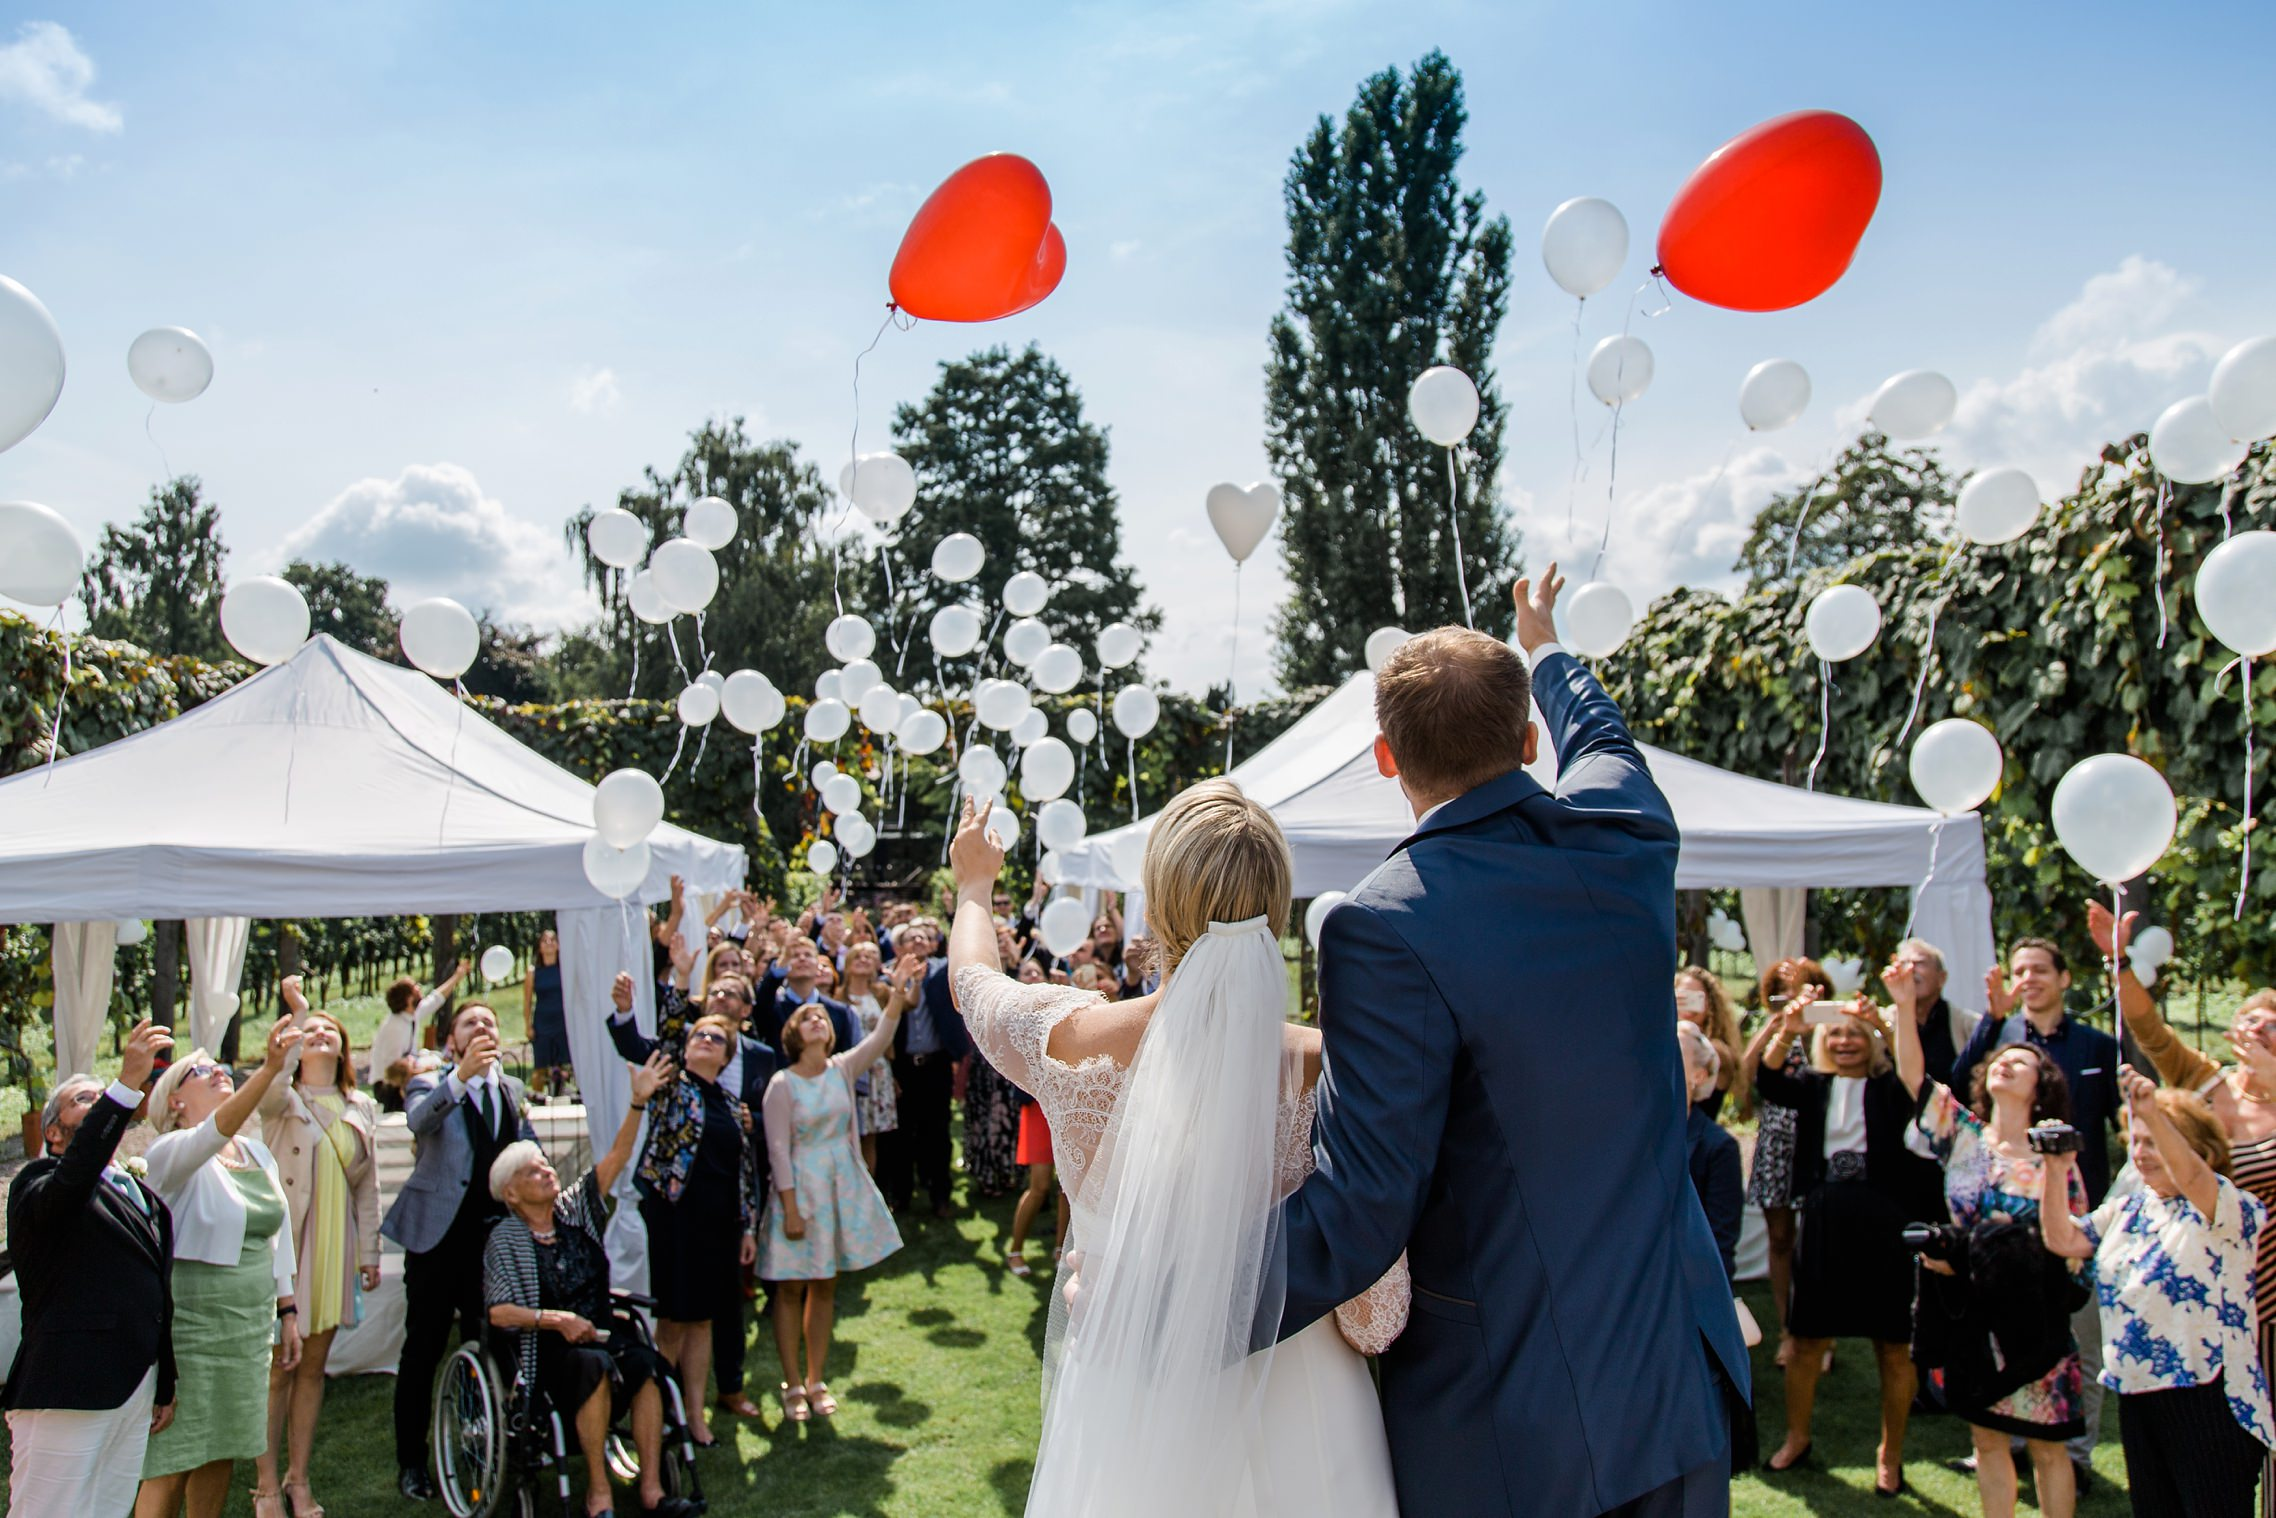 Das Hochzeitspaar lässt zusammen mit den Gästen in der RebArena im Weingut Fitz-Ritter die Luftballons steigen.